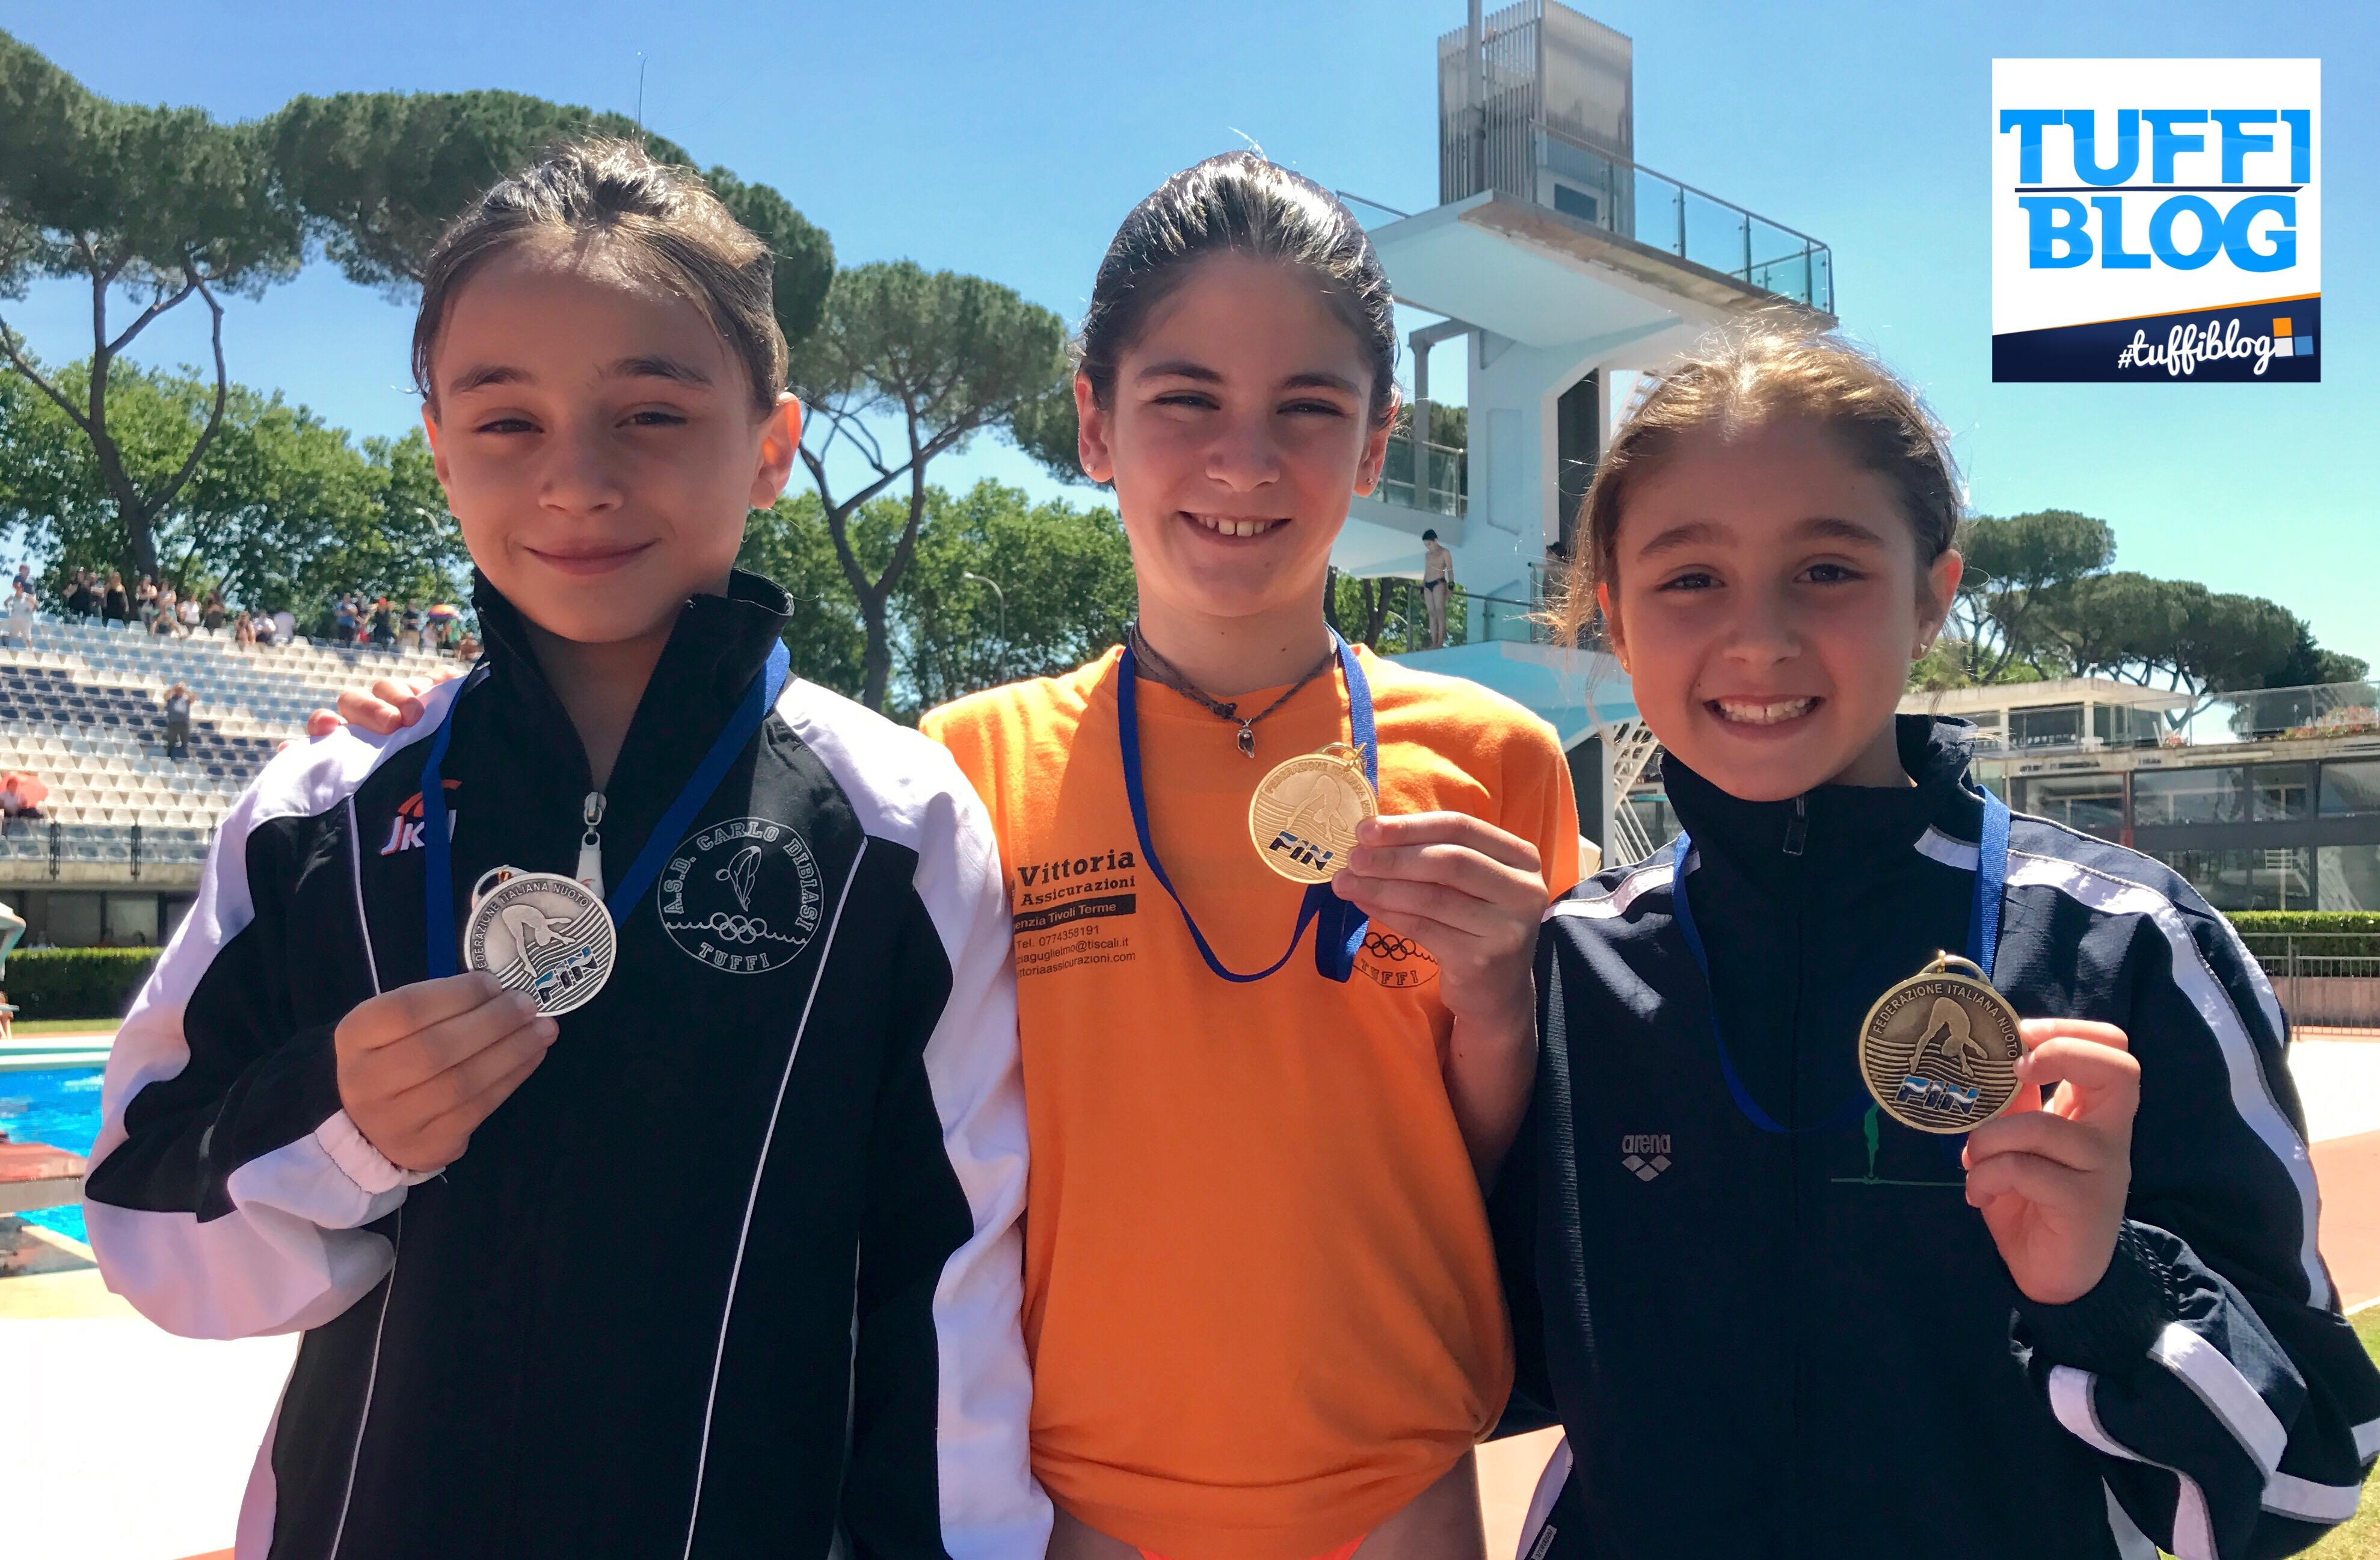 2ª Prova Trofeo Giovanissimi: Roma - I risultati della seconda giornata.